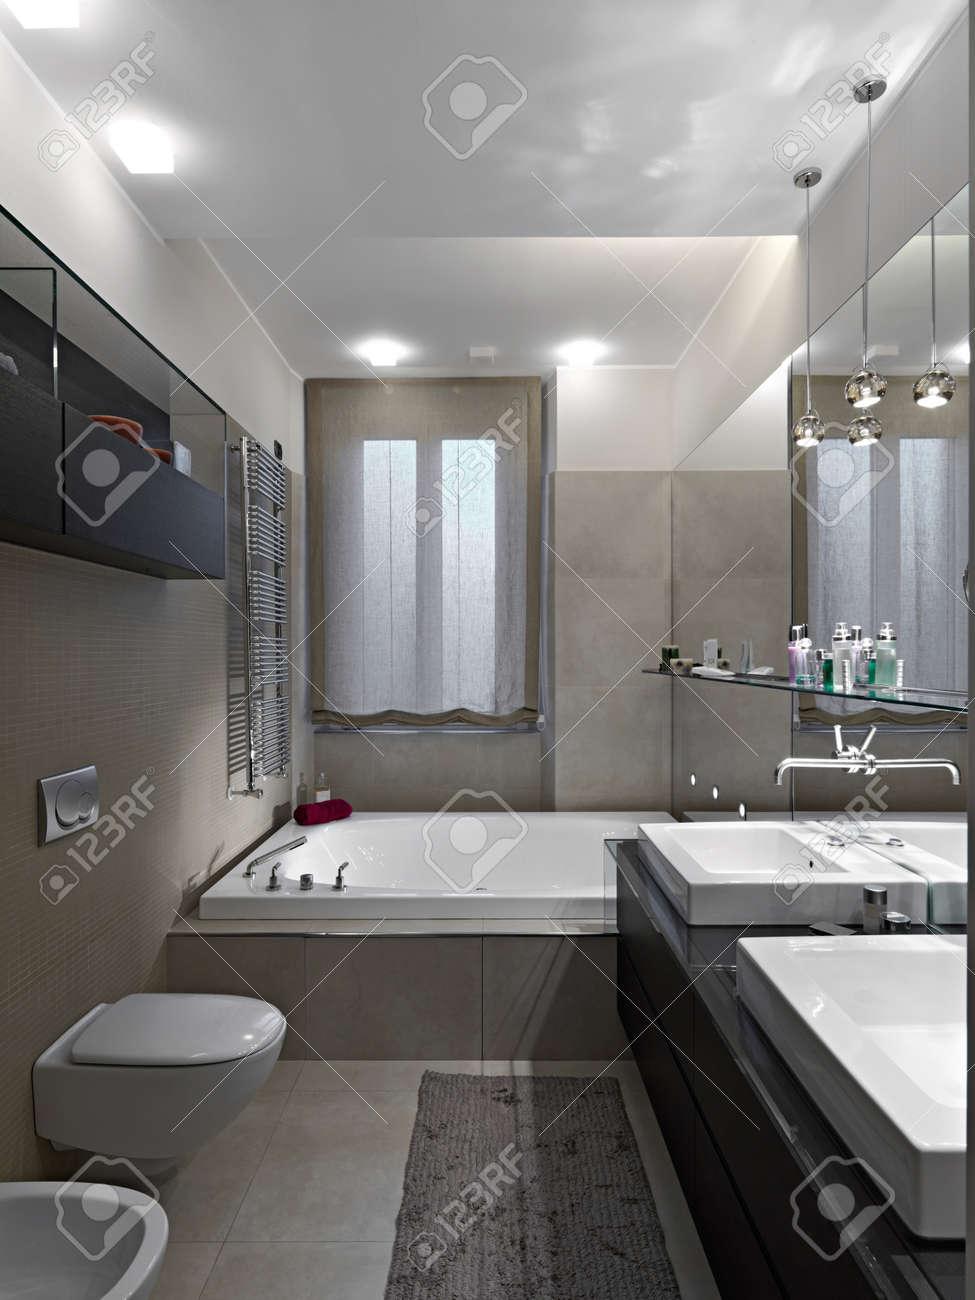 Banos Modernos Con Banera.Vista Del Interior Del Cuarto De Bano Moderno Con Banera Bajo La Ventana Y Foregorund De Sanitaruware